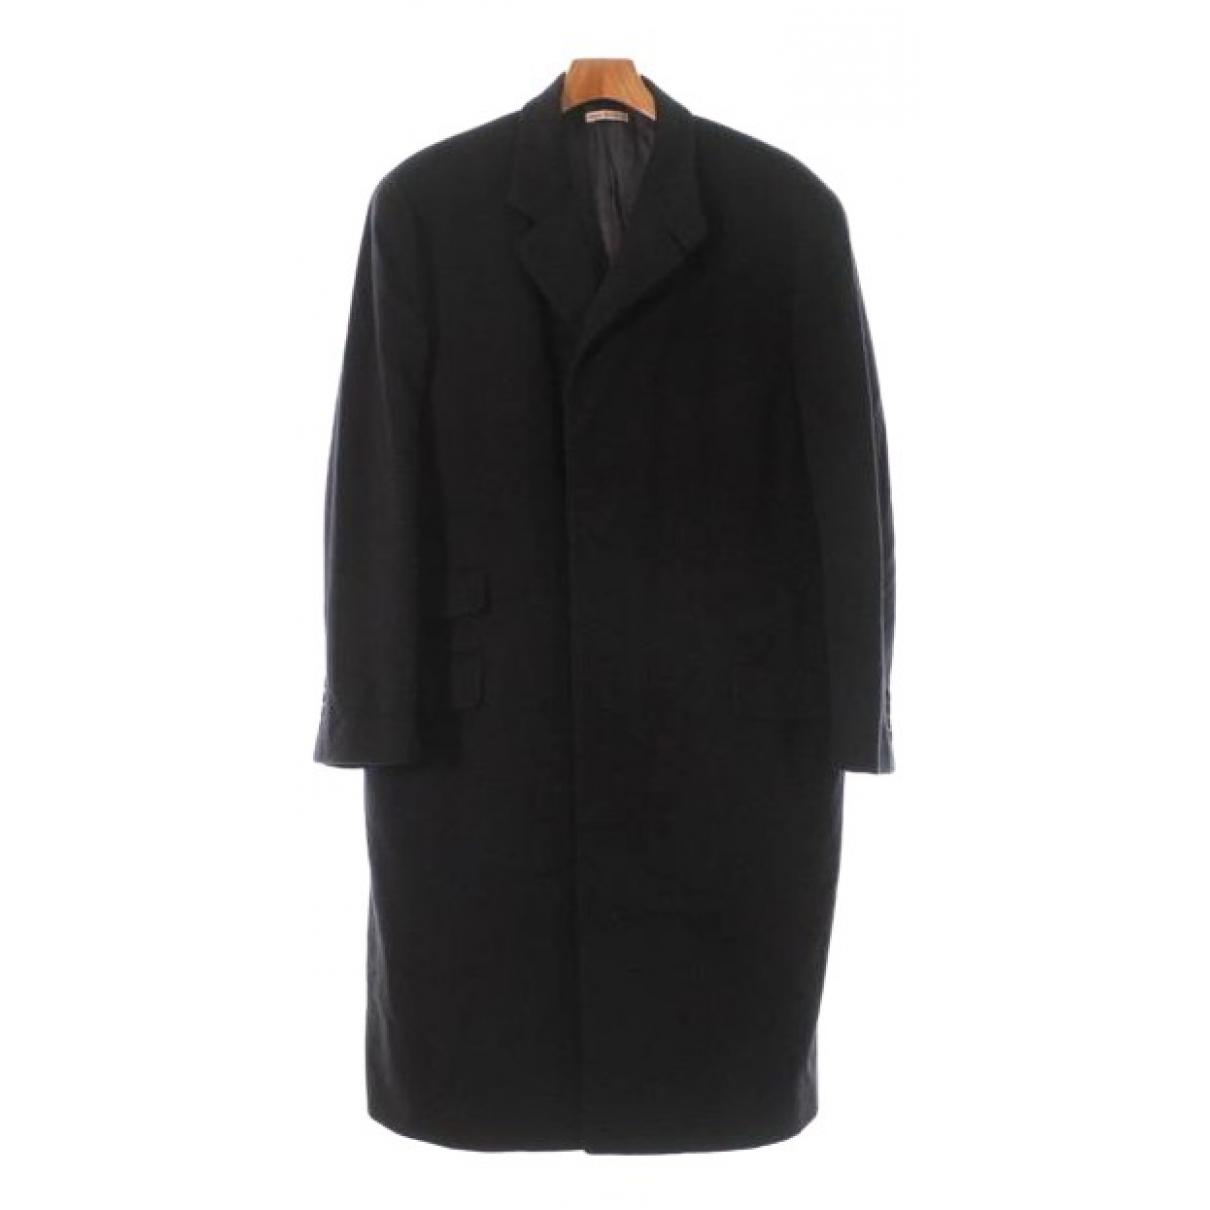 Hermes - Manteau   pour homme en cachemire - marine